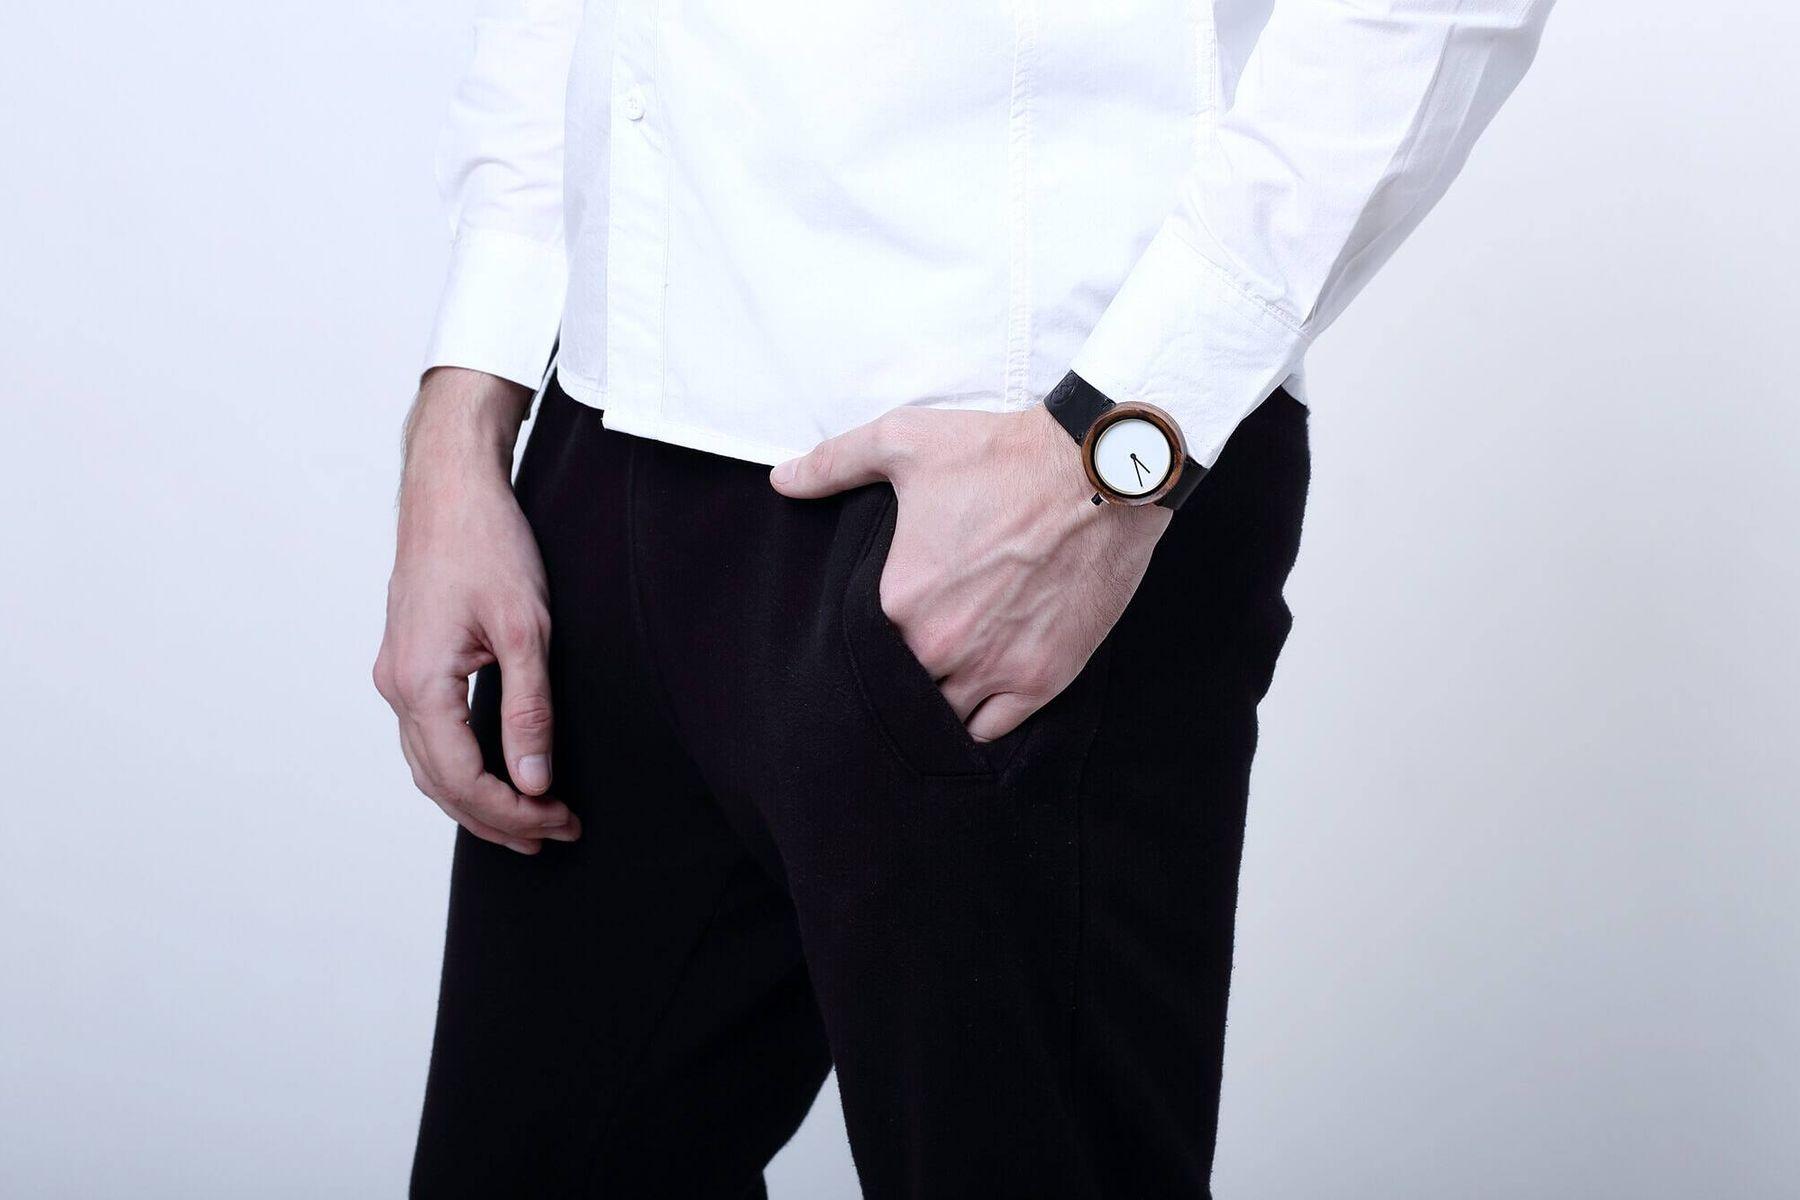 Tẩy trắng dây da đồng hồ với nguyên liệu dễ tìm